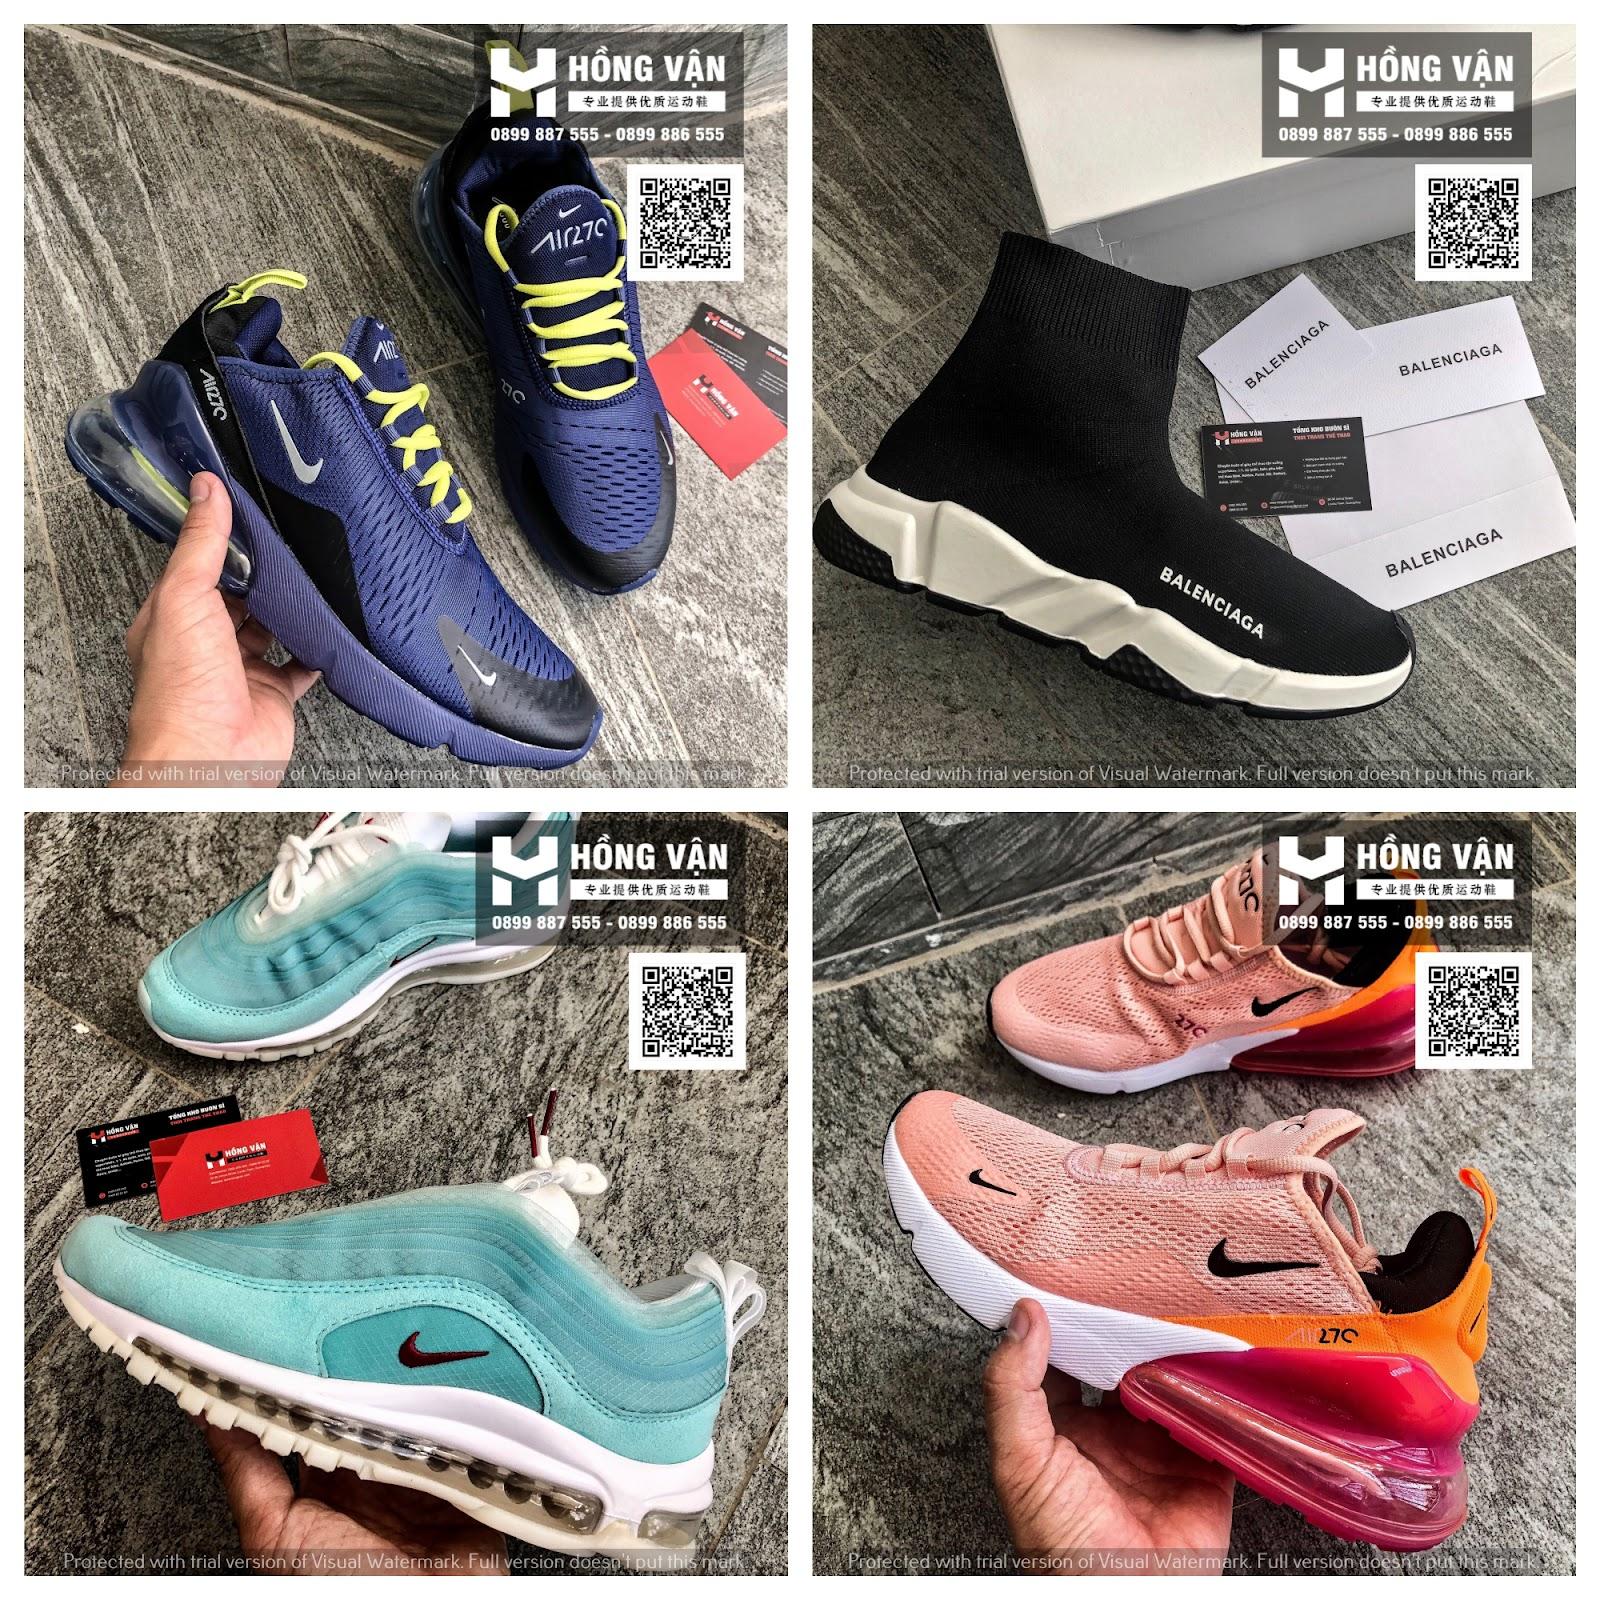 Hồng Vận - Tổng buôn sỉ giày thể thao chất lượng , uy tín ( hình thật - 7